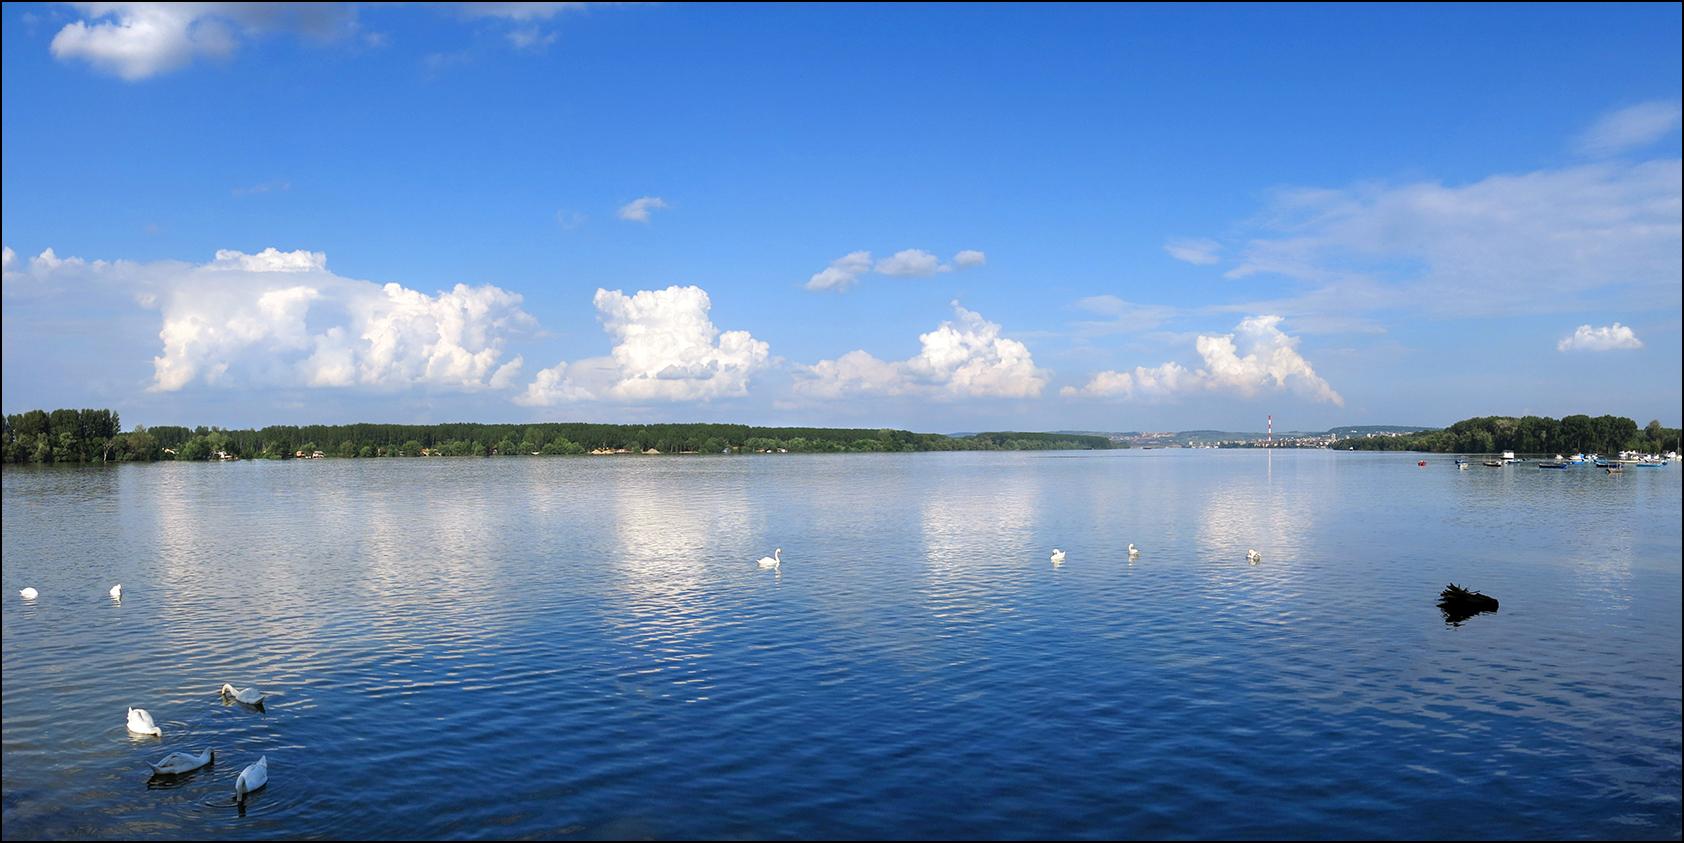 Swollen Danube - 1684x843